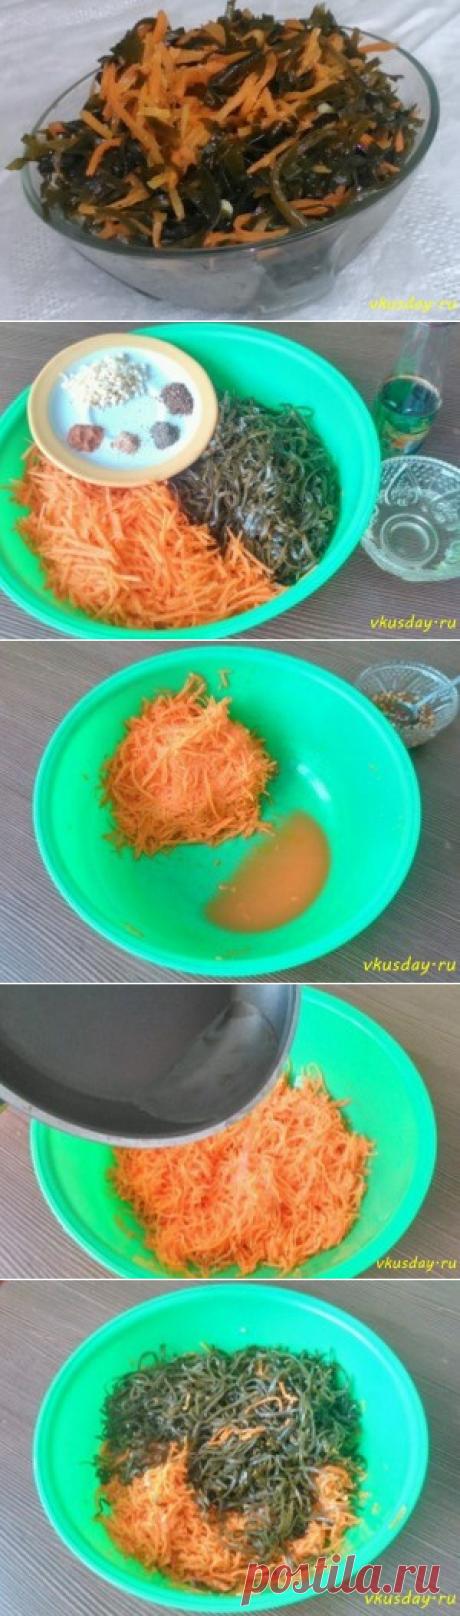 Морская капуста с морковкой по – корейски - рецепт с фото | Вкусный день